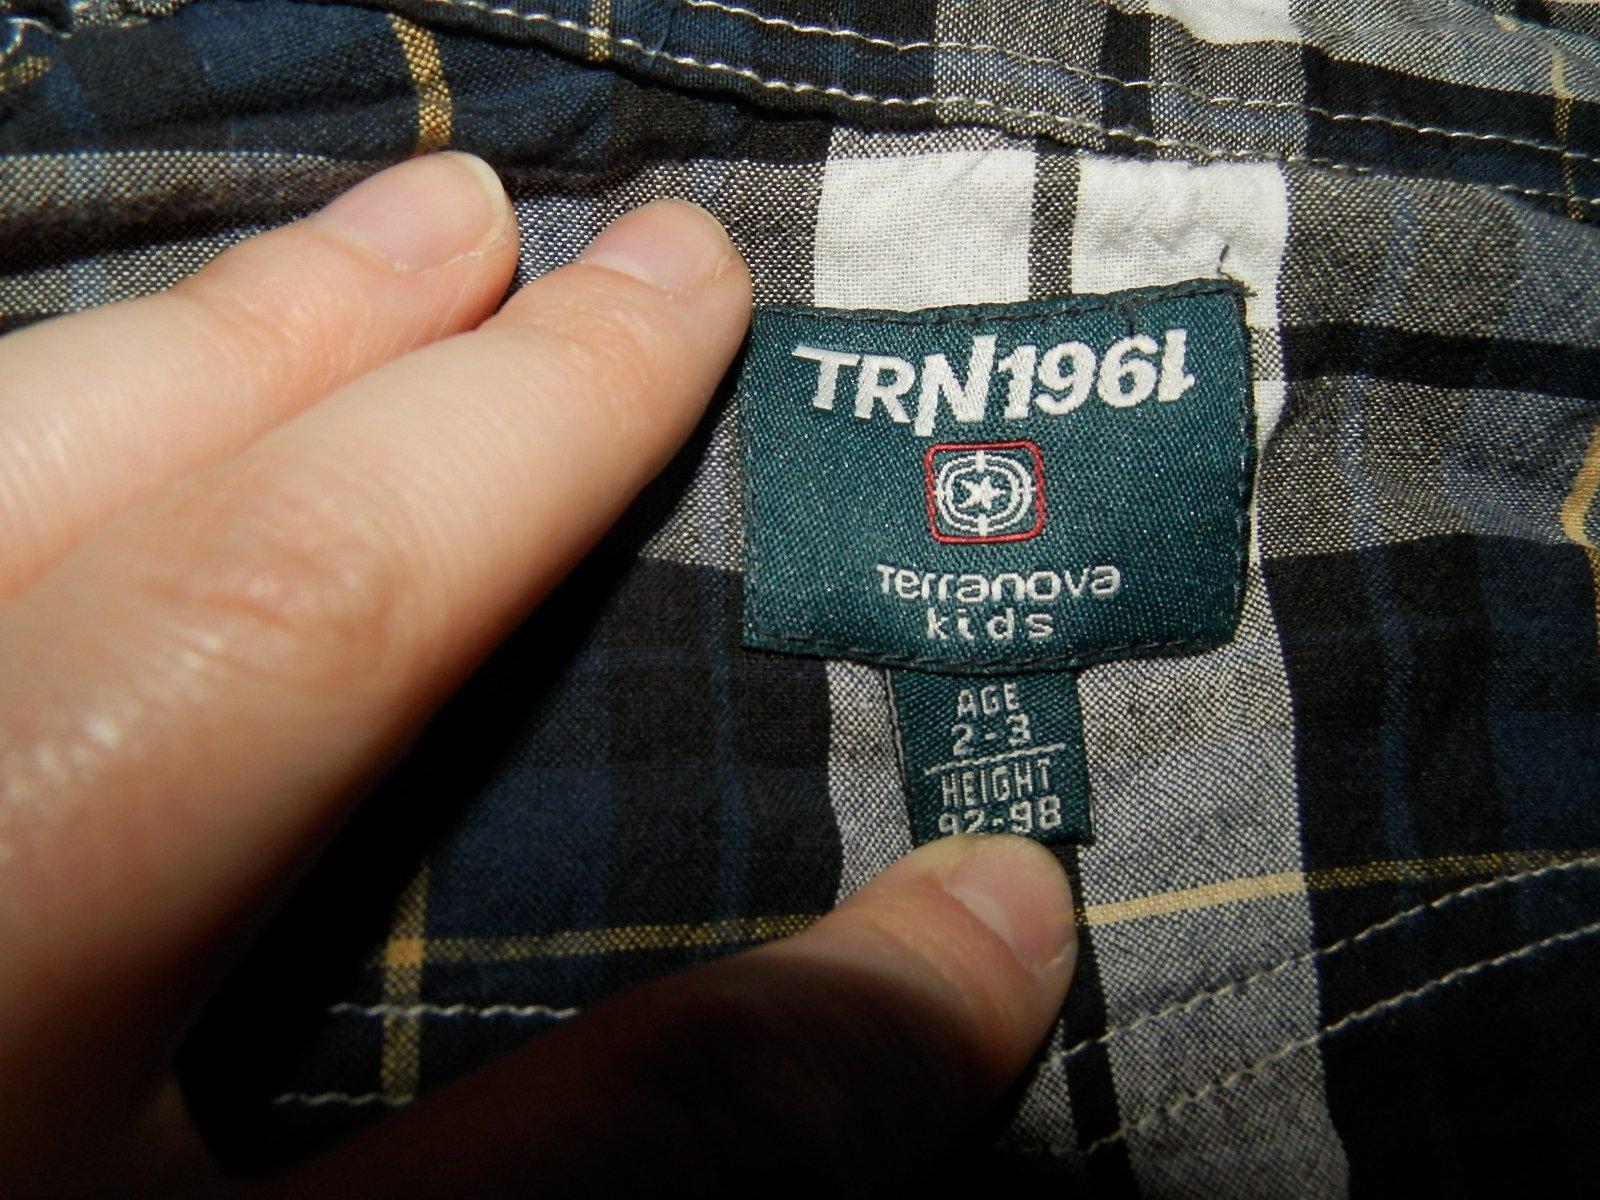 Terranova košeľa 2-3r. - Obrázok č. 3